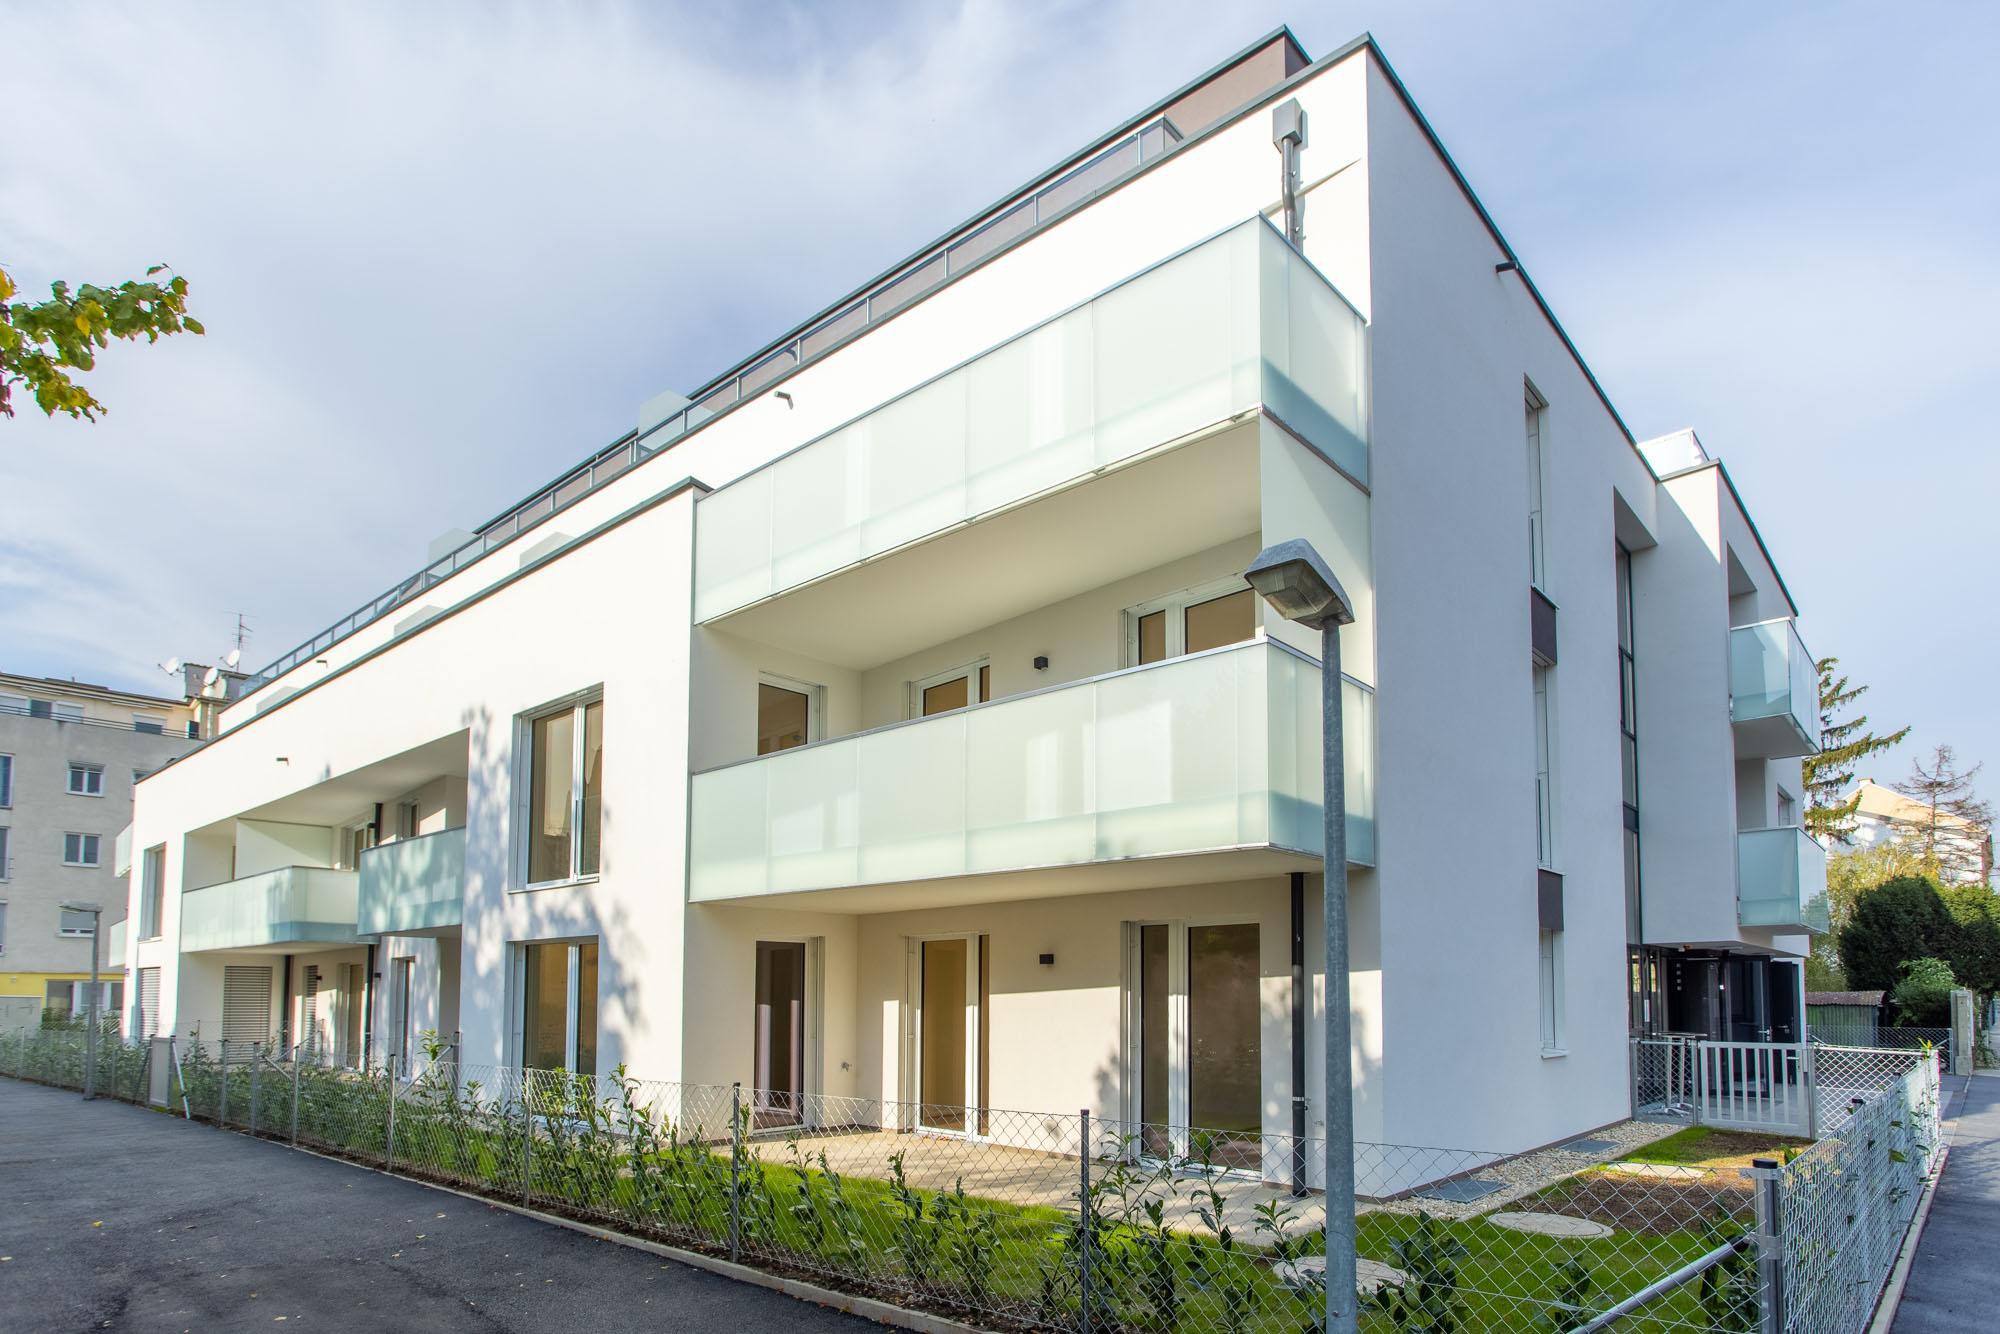 Grossmann Immobilien und Wüstenrot kooperieren bei Wohnprojekt